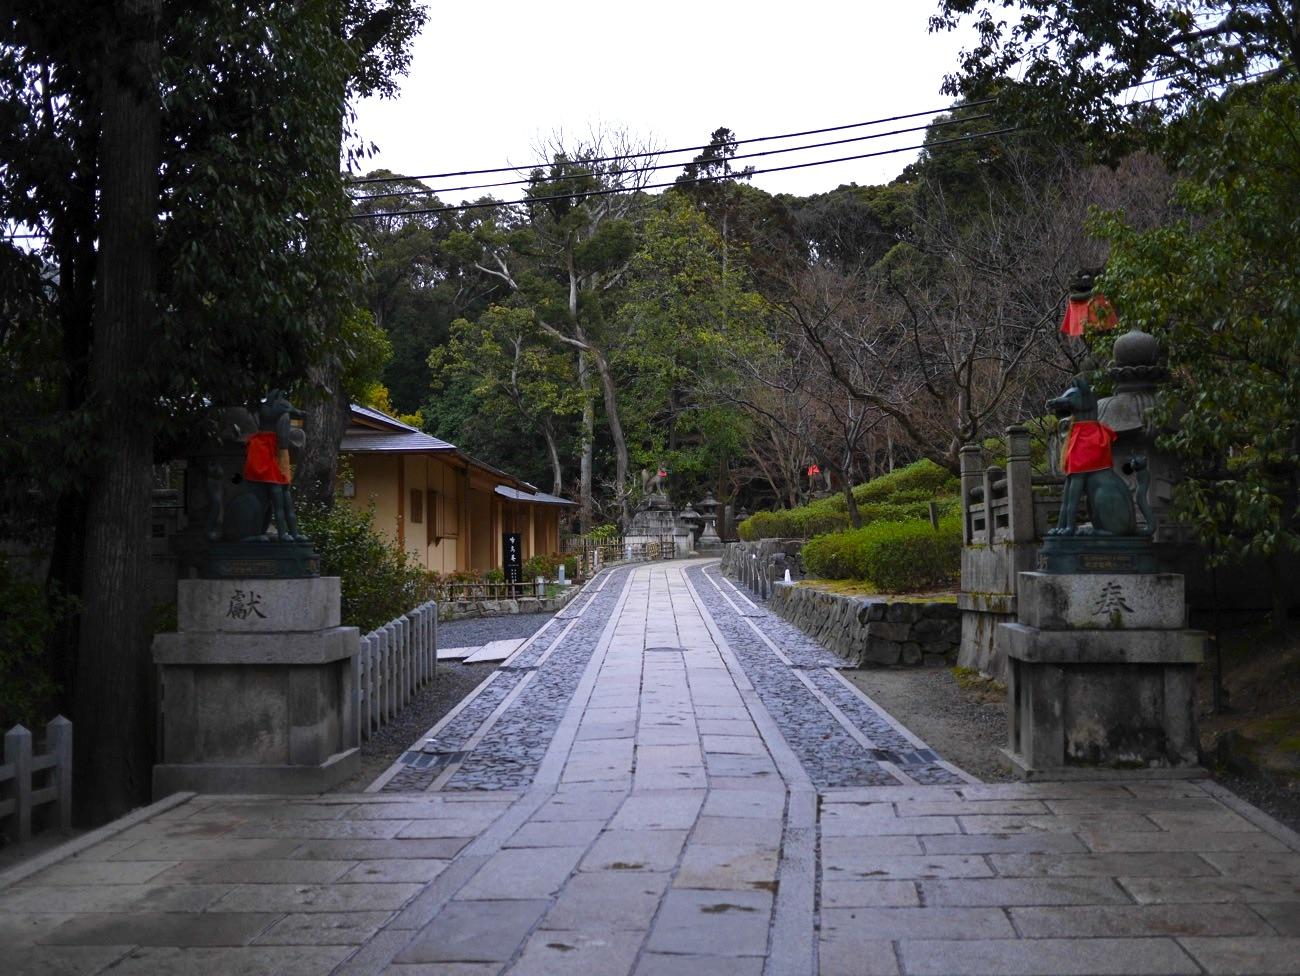 啼鳥菴(稲荷茶寮)の前の参道